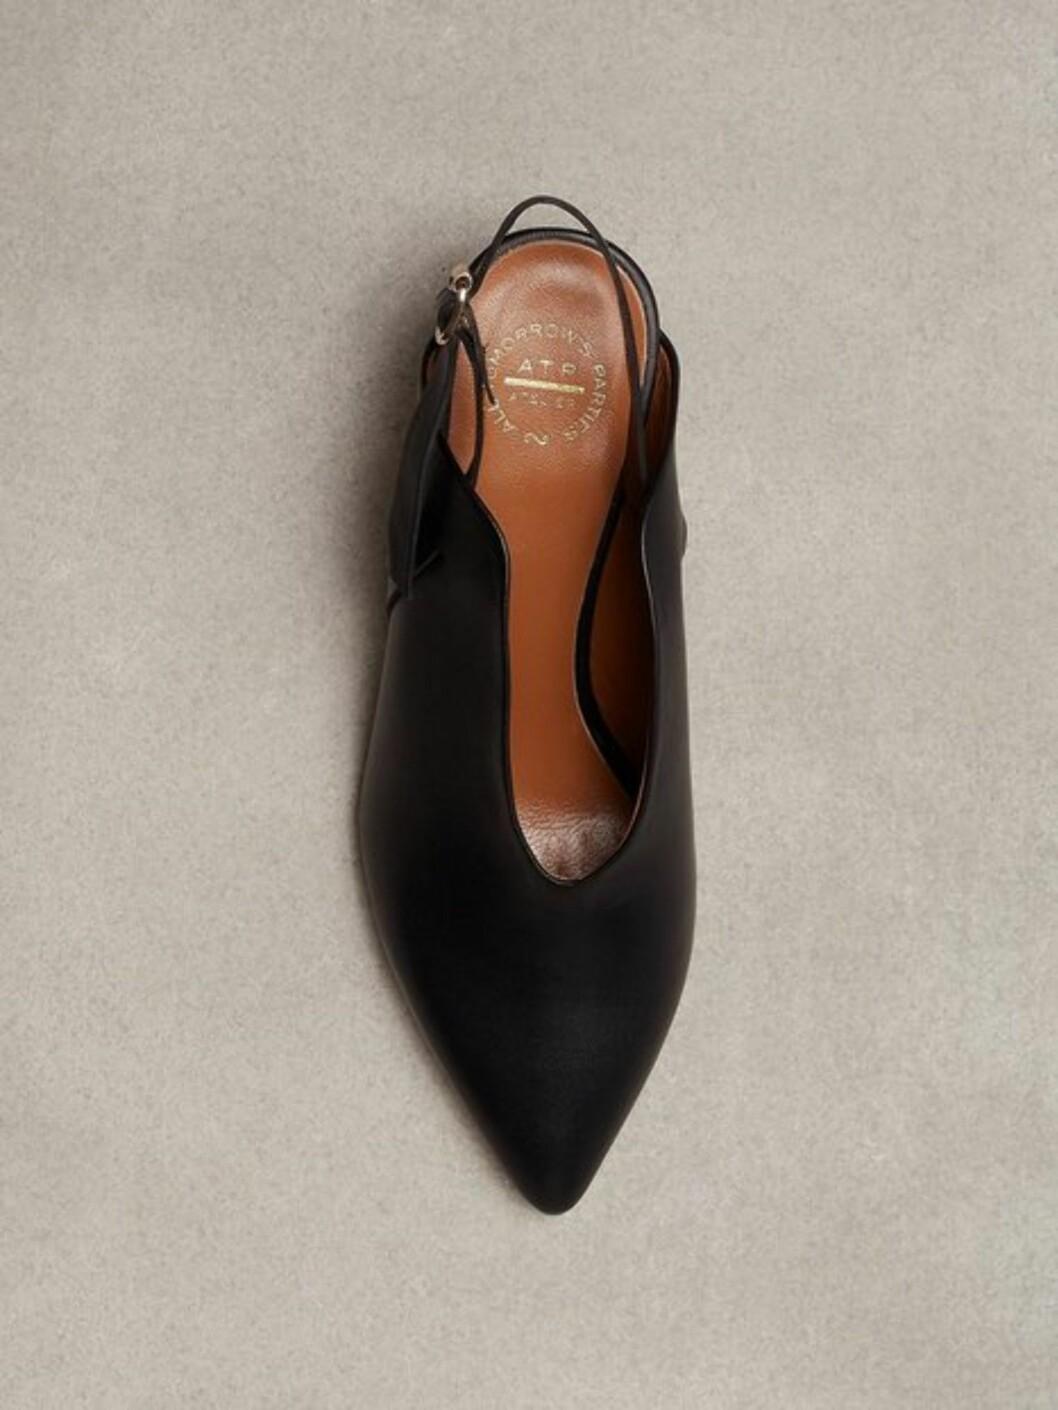 Sko fra ATP Atelier via Nelly.com | kr 2899 | https://nelly.com/no/kl%C3%A6r-til-kvinner/sko/heels/atp-atelier-110238/abra-heels-238076-0014/